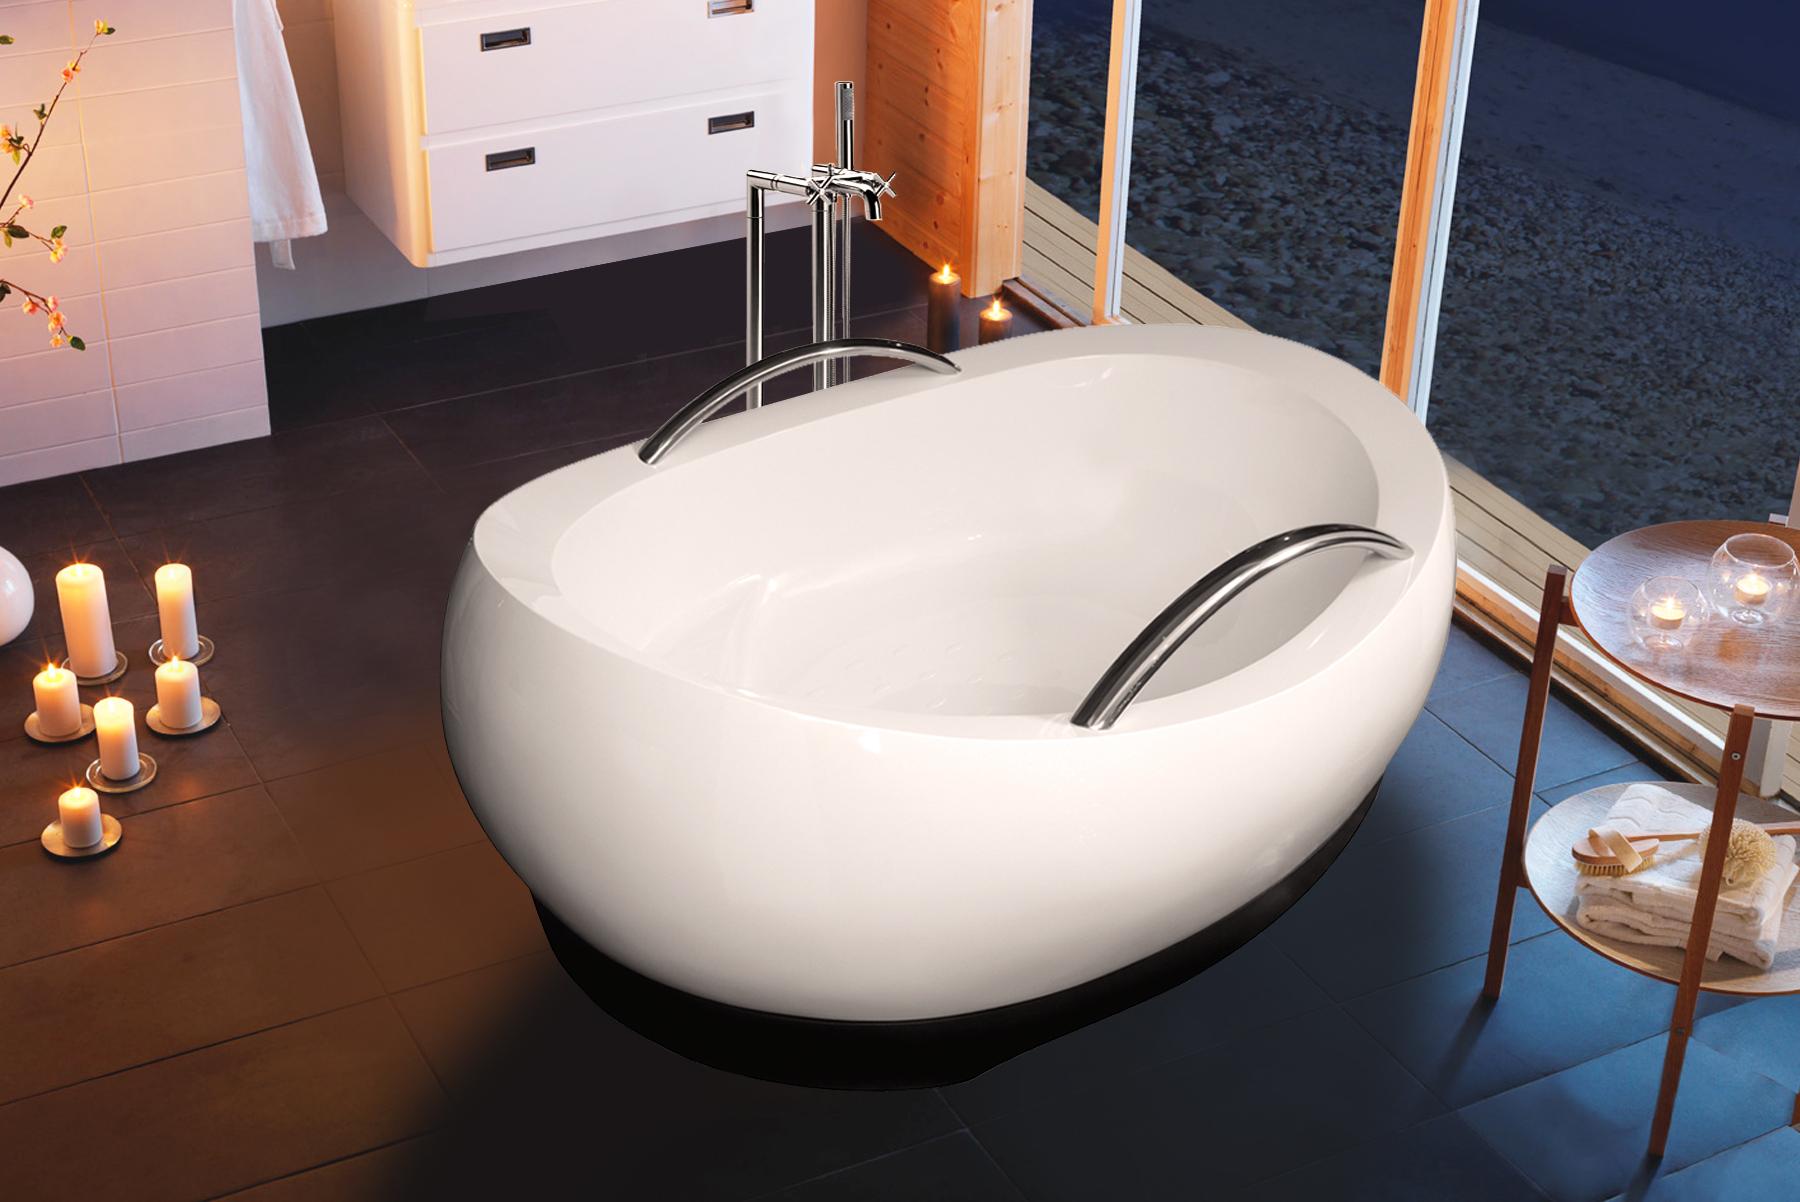 Vasca Da Bagno Disegno : Vasca da bagno indipendente admireme di aquatica in pietra leggera